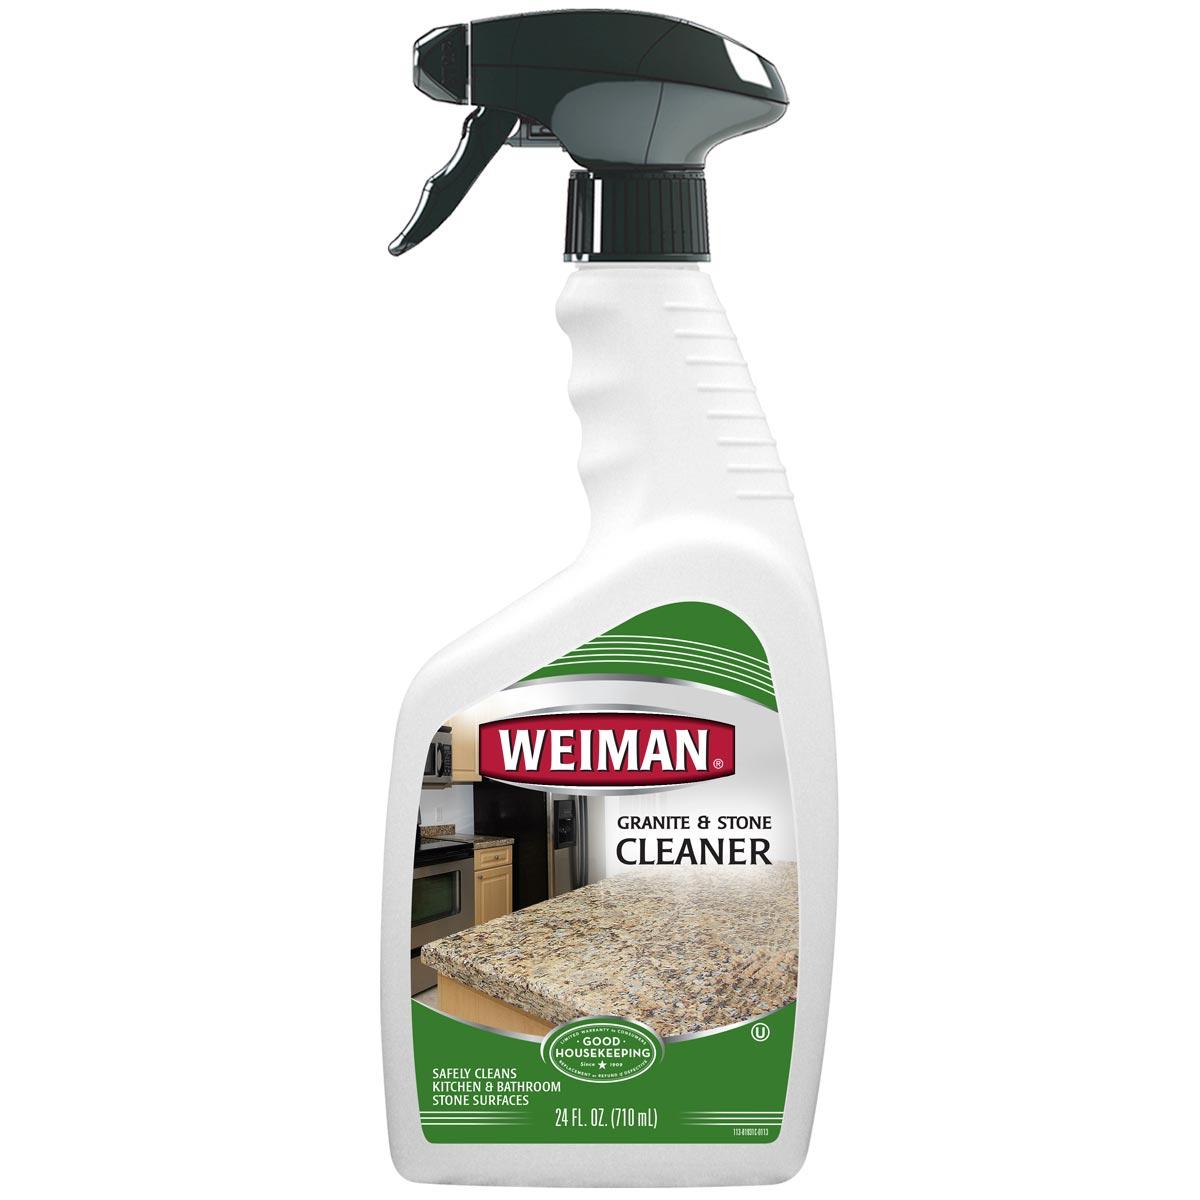 https://googone.com/media/catalog/product/w/e/weiman-granite-cleaner-spray_front.jpg